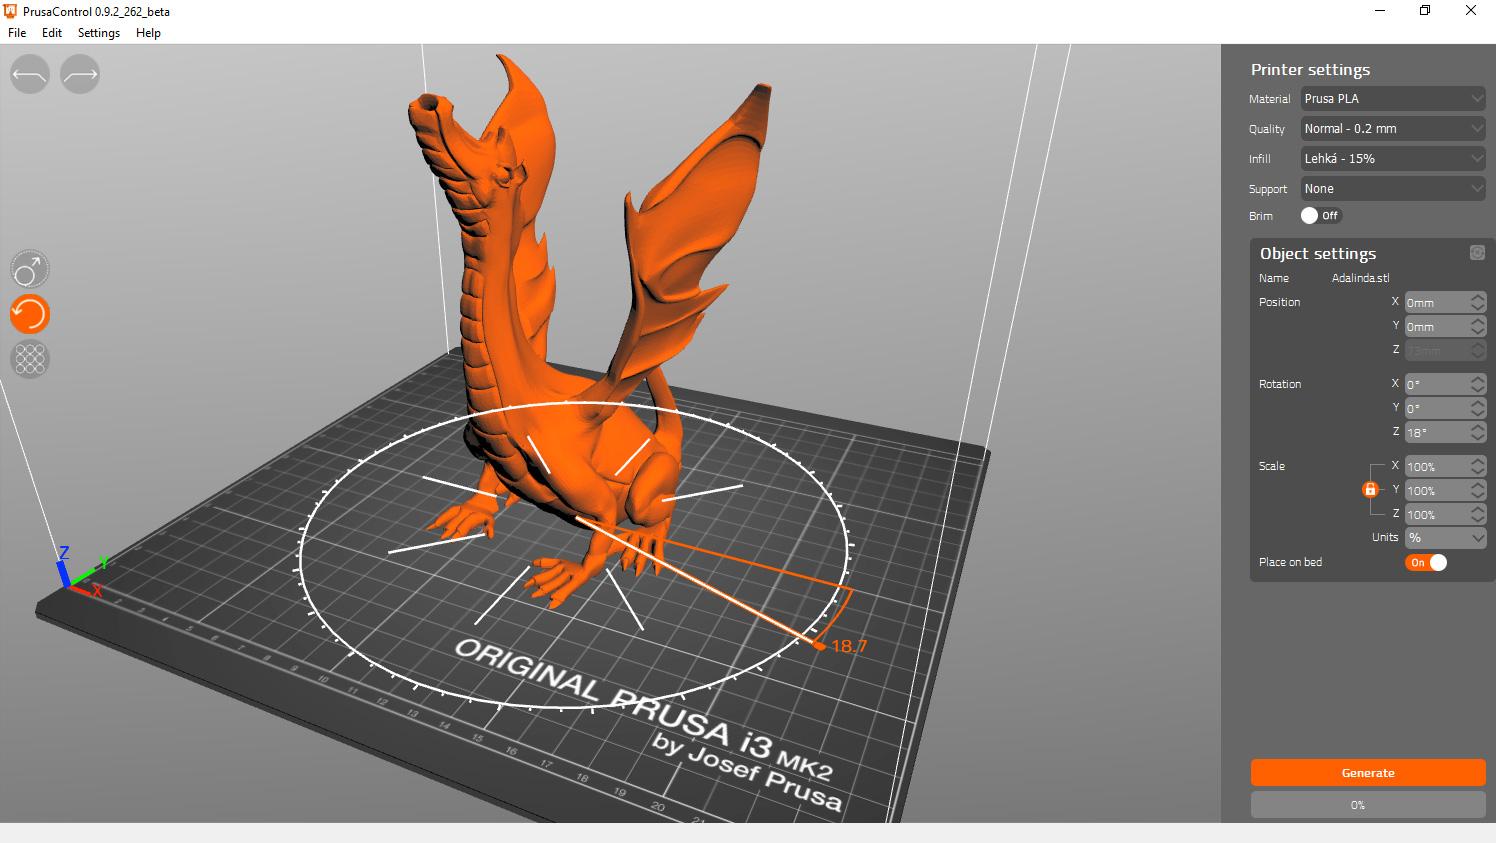 Prusacontrol: Neuer verbesserter Slicer für Prusa 3D-Drucker